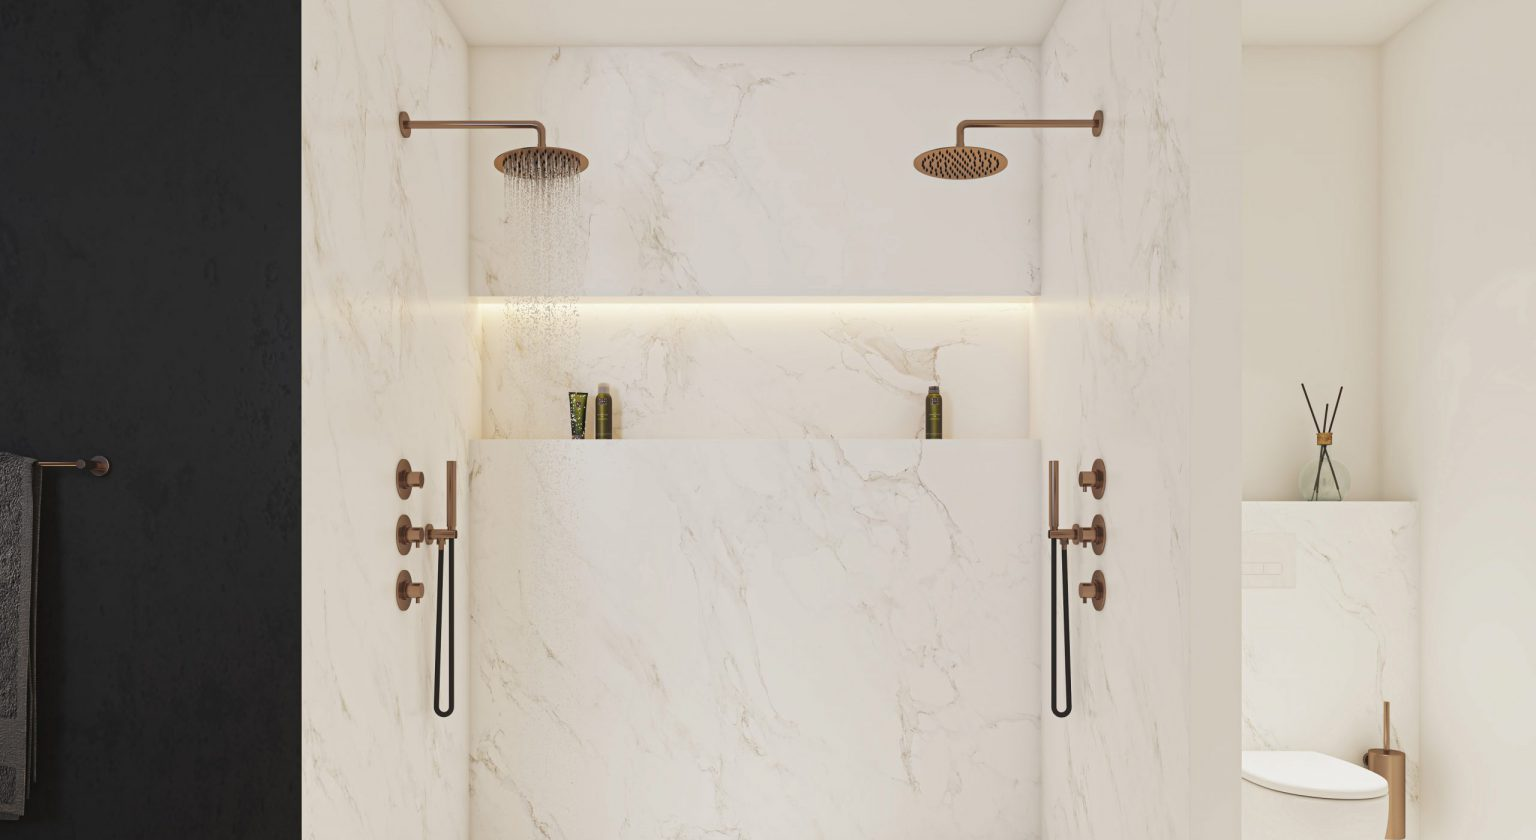 Voorbeelden van inloopdouches en douchecabines. Douches voor de nieuwe badkamer. Alles over douches en de badkamer verbouwen, vind je hier #douche #inloopdouche #badkamer #badkameridee #verbouwen #droombadkamer #jeeo